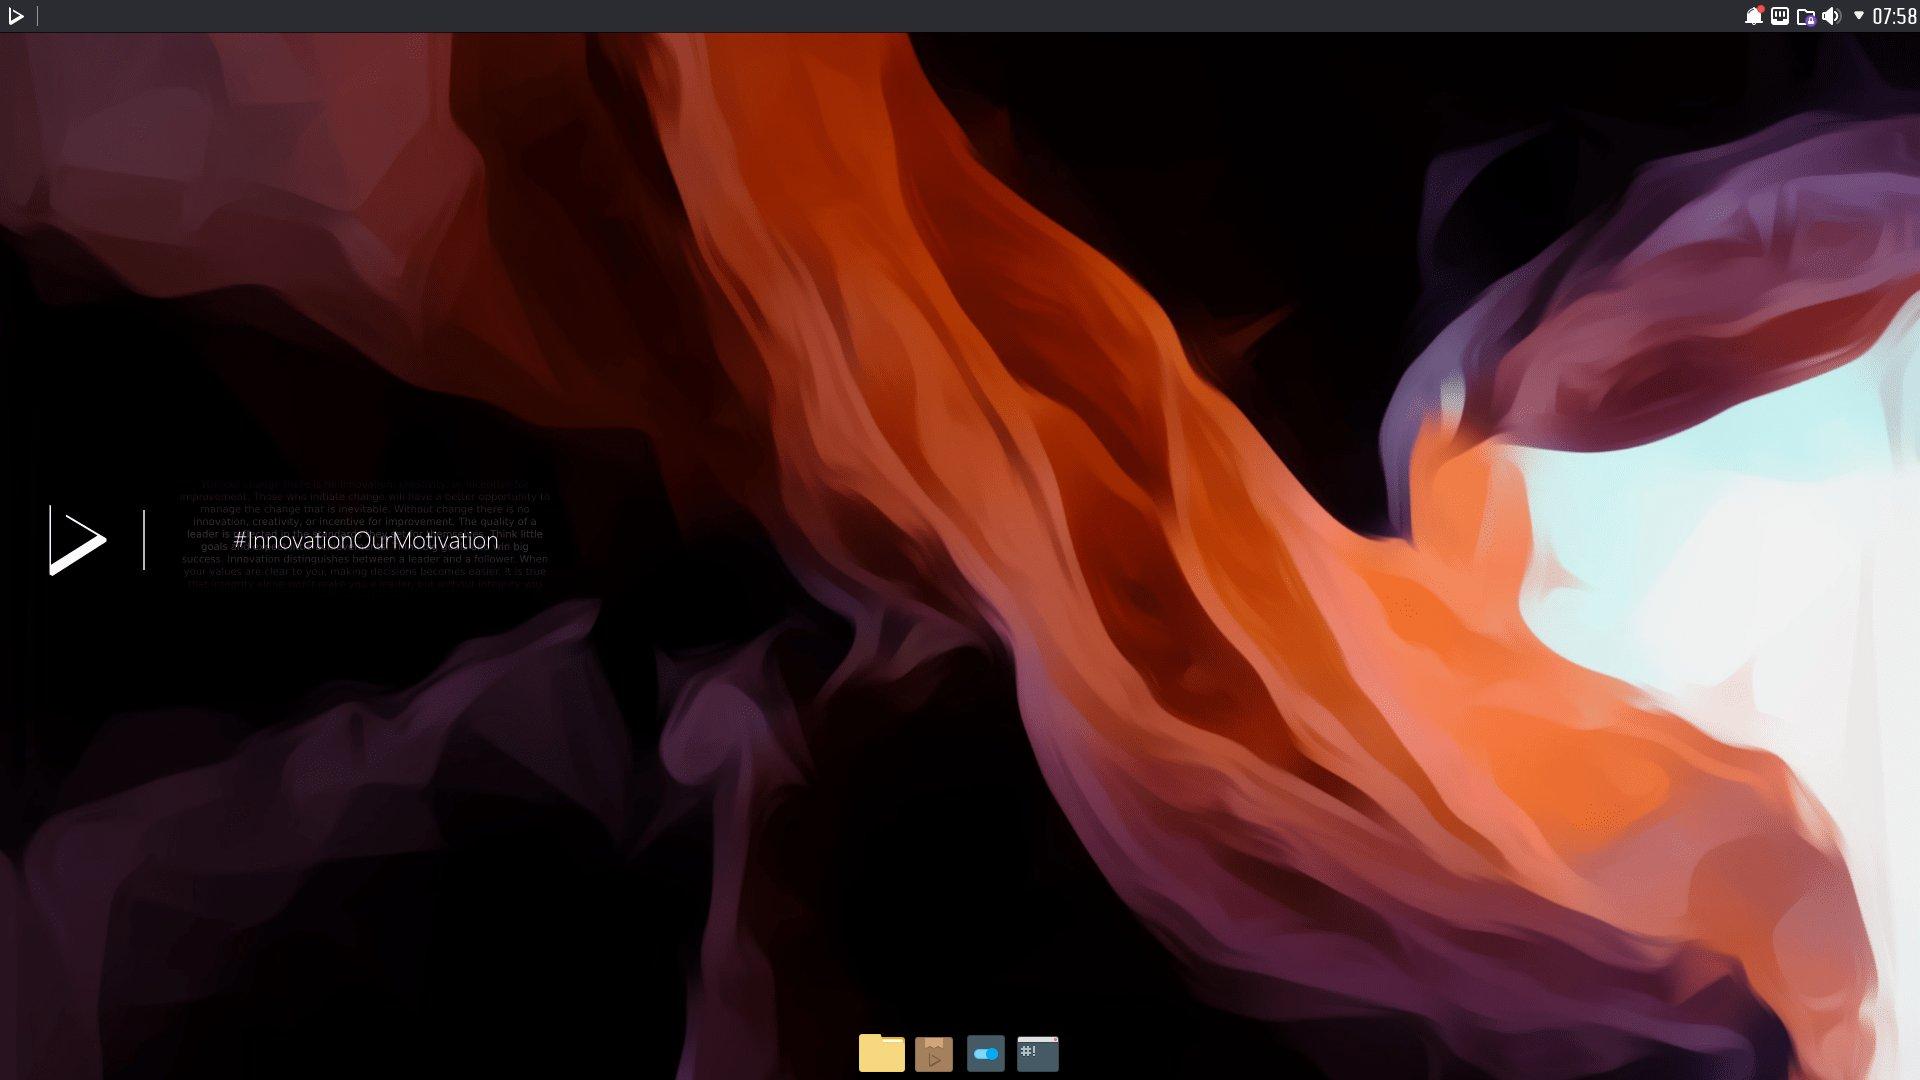 Nitrux 1.1.2 发布 - 该版本基于 Ubuntu 发行